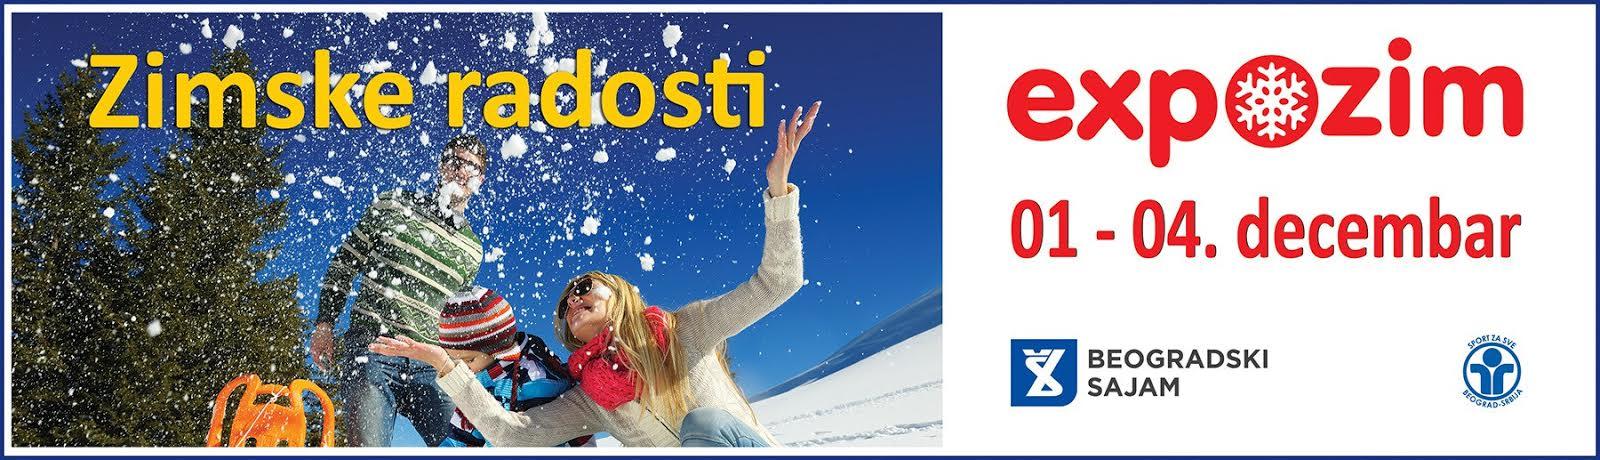 Expo-zim – Međunarodni sajam zimske sportske opreme, turizma i rekreacije od 1. do 4. decembra